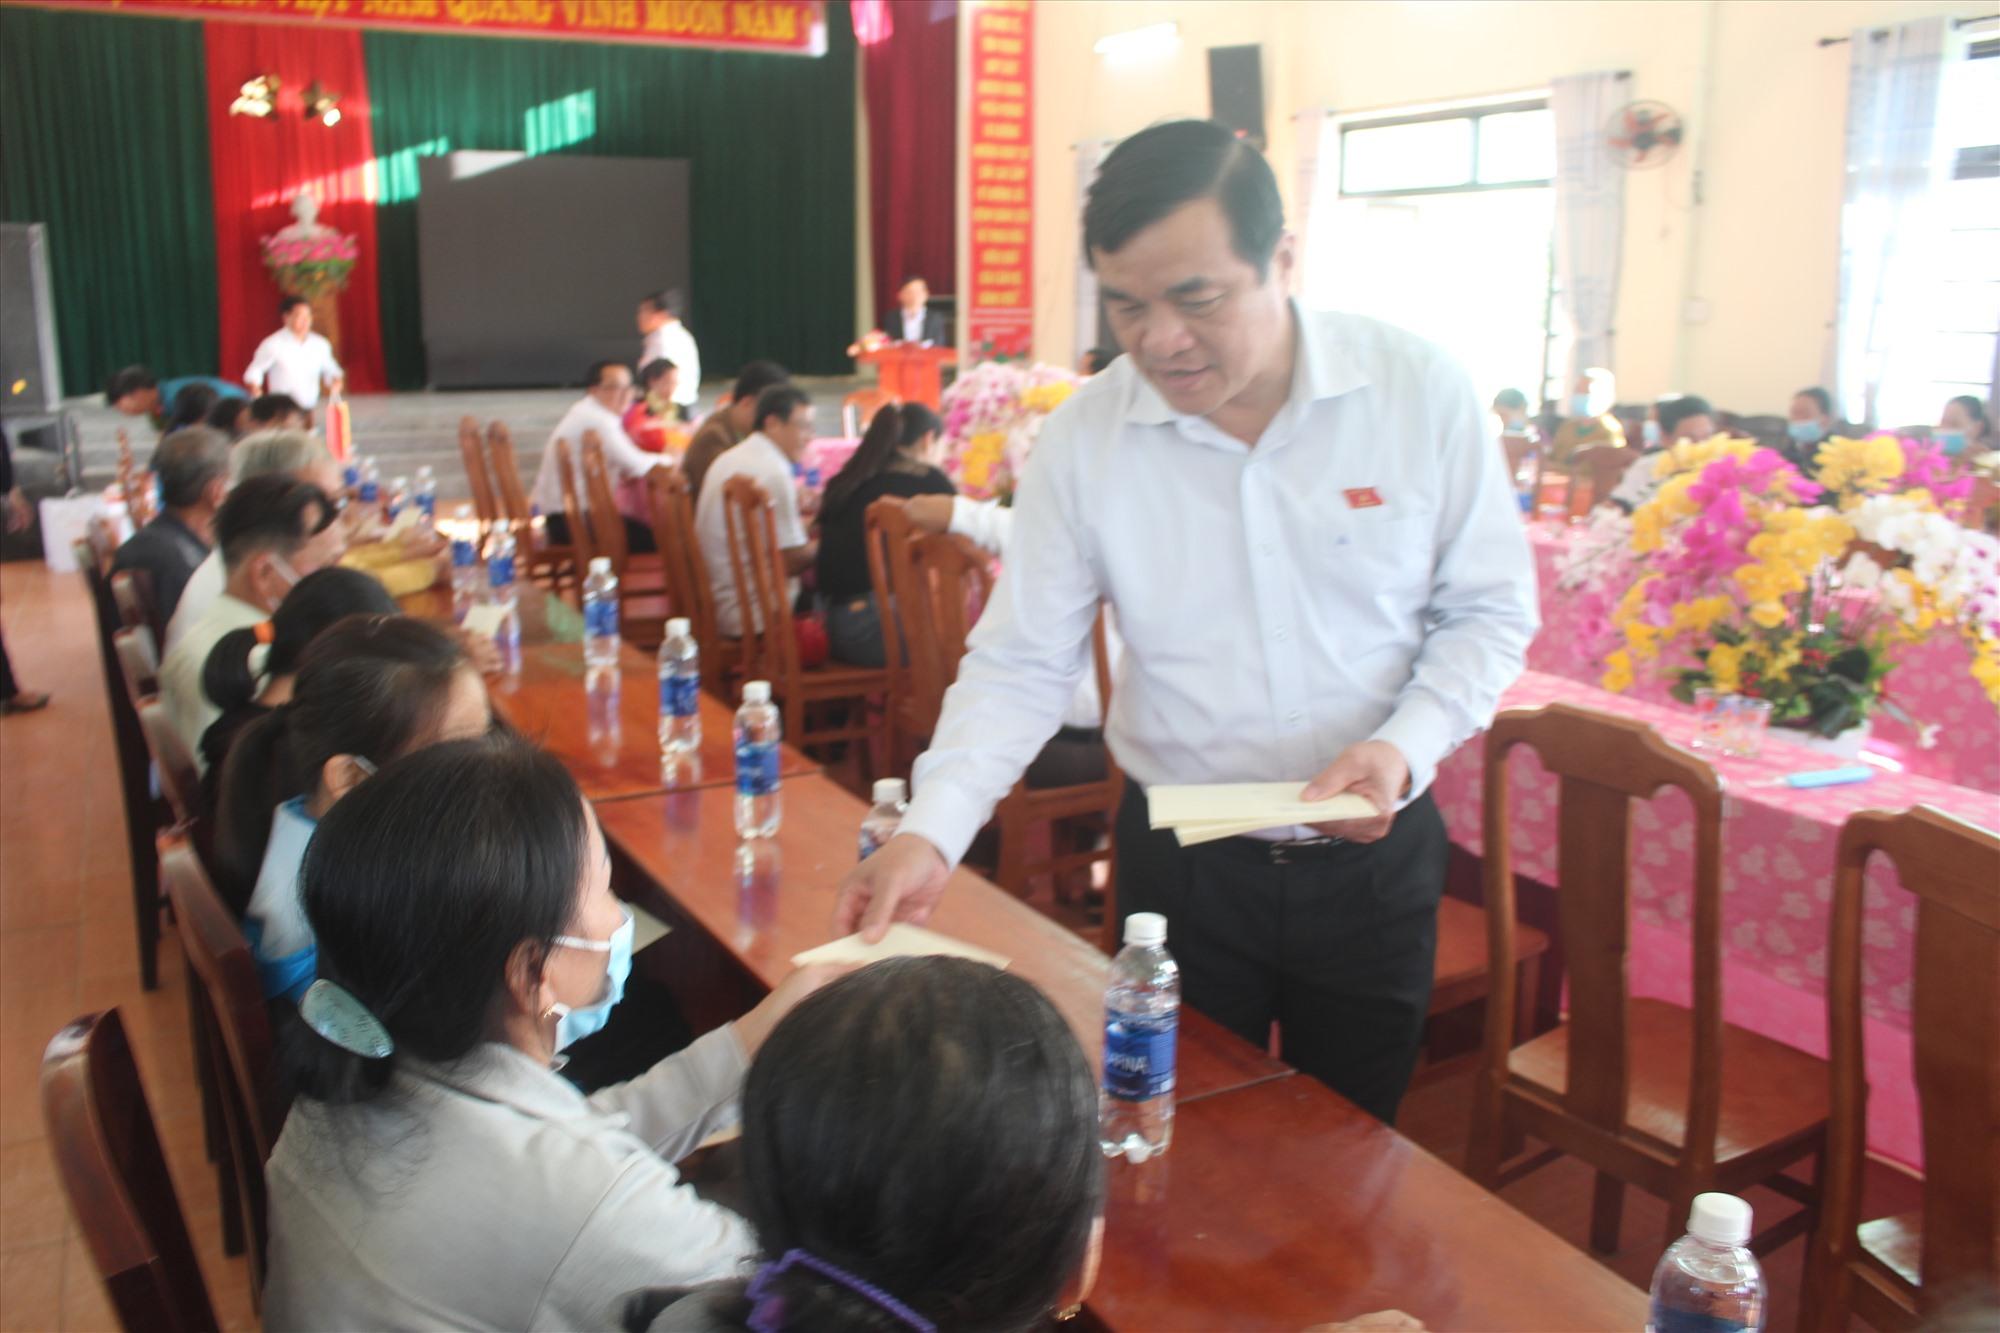 Bí thư Tỉnh ủy Phan Việt Cường trao tặng quà cho các gia đình chính sách tại xã Đại Thắng. Ảnh: NHAN DUY